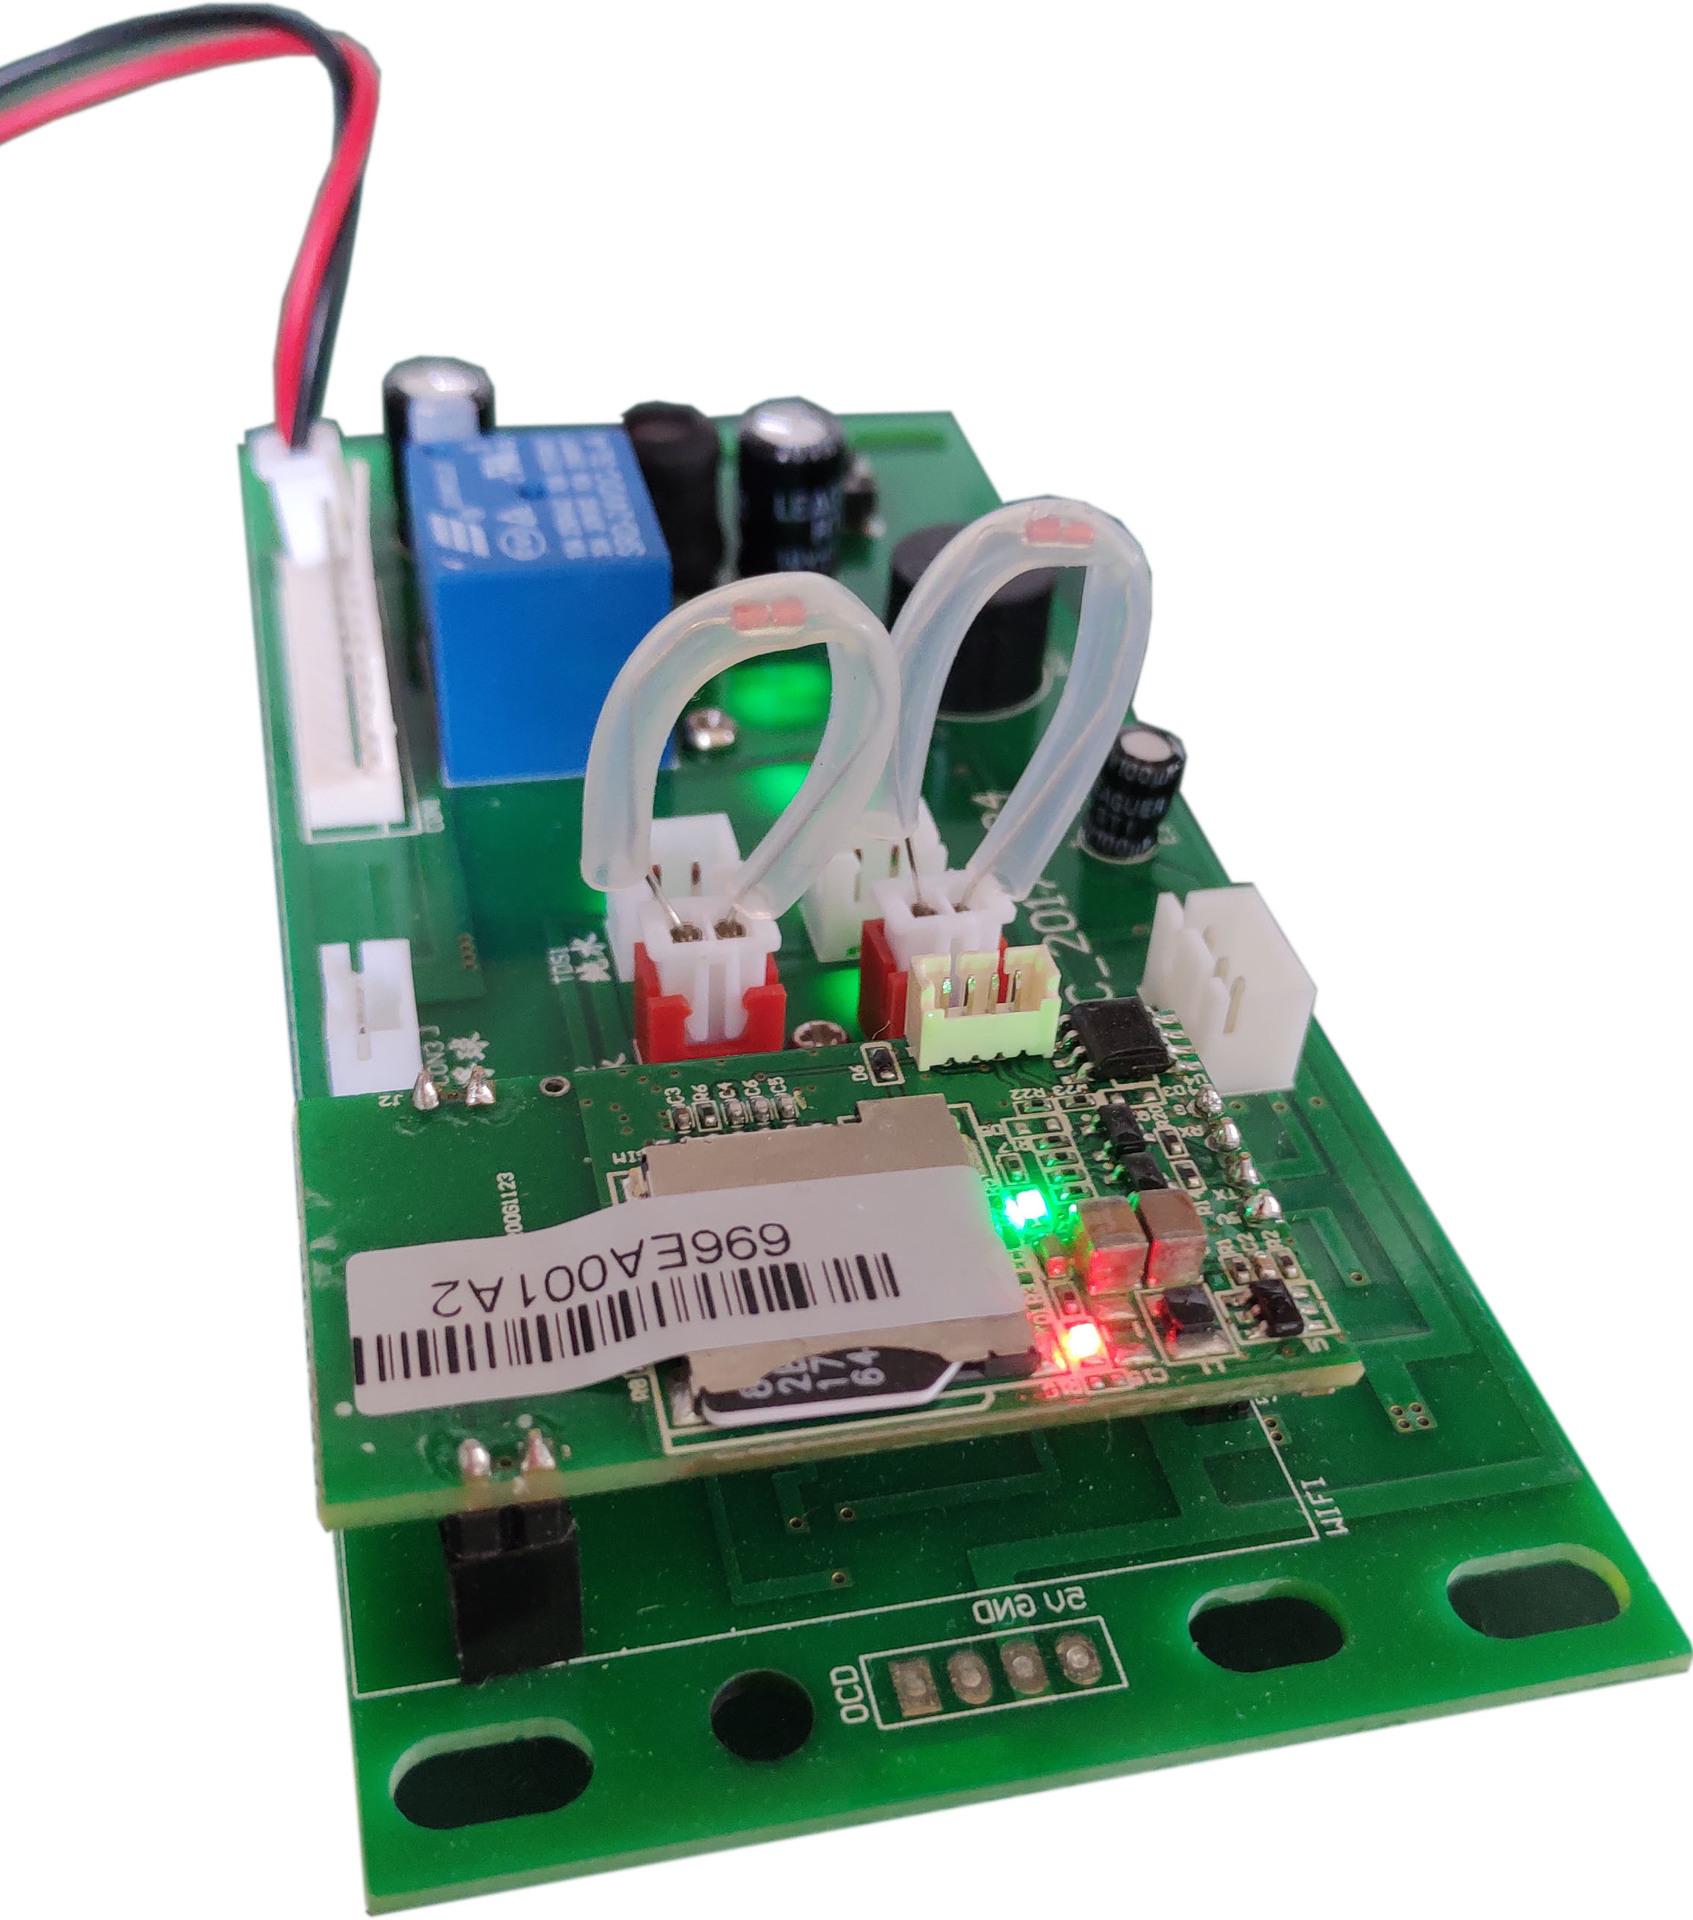 物聯網模塊智能飲水機空氣凈化器 家居聯網提供完整解決方案